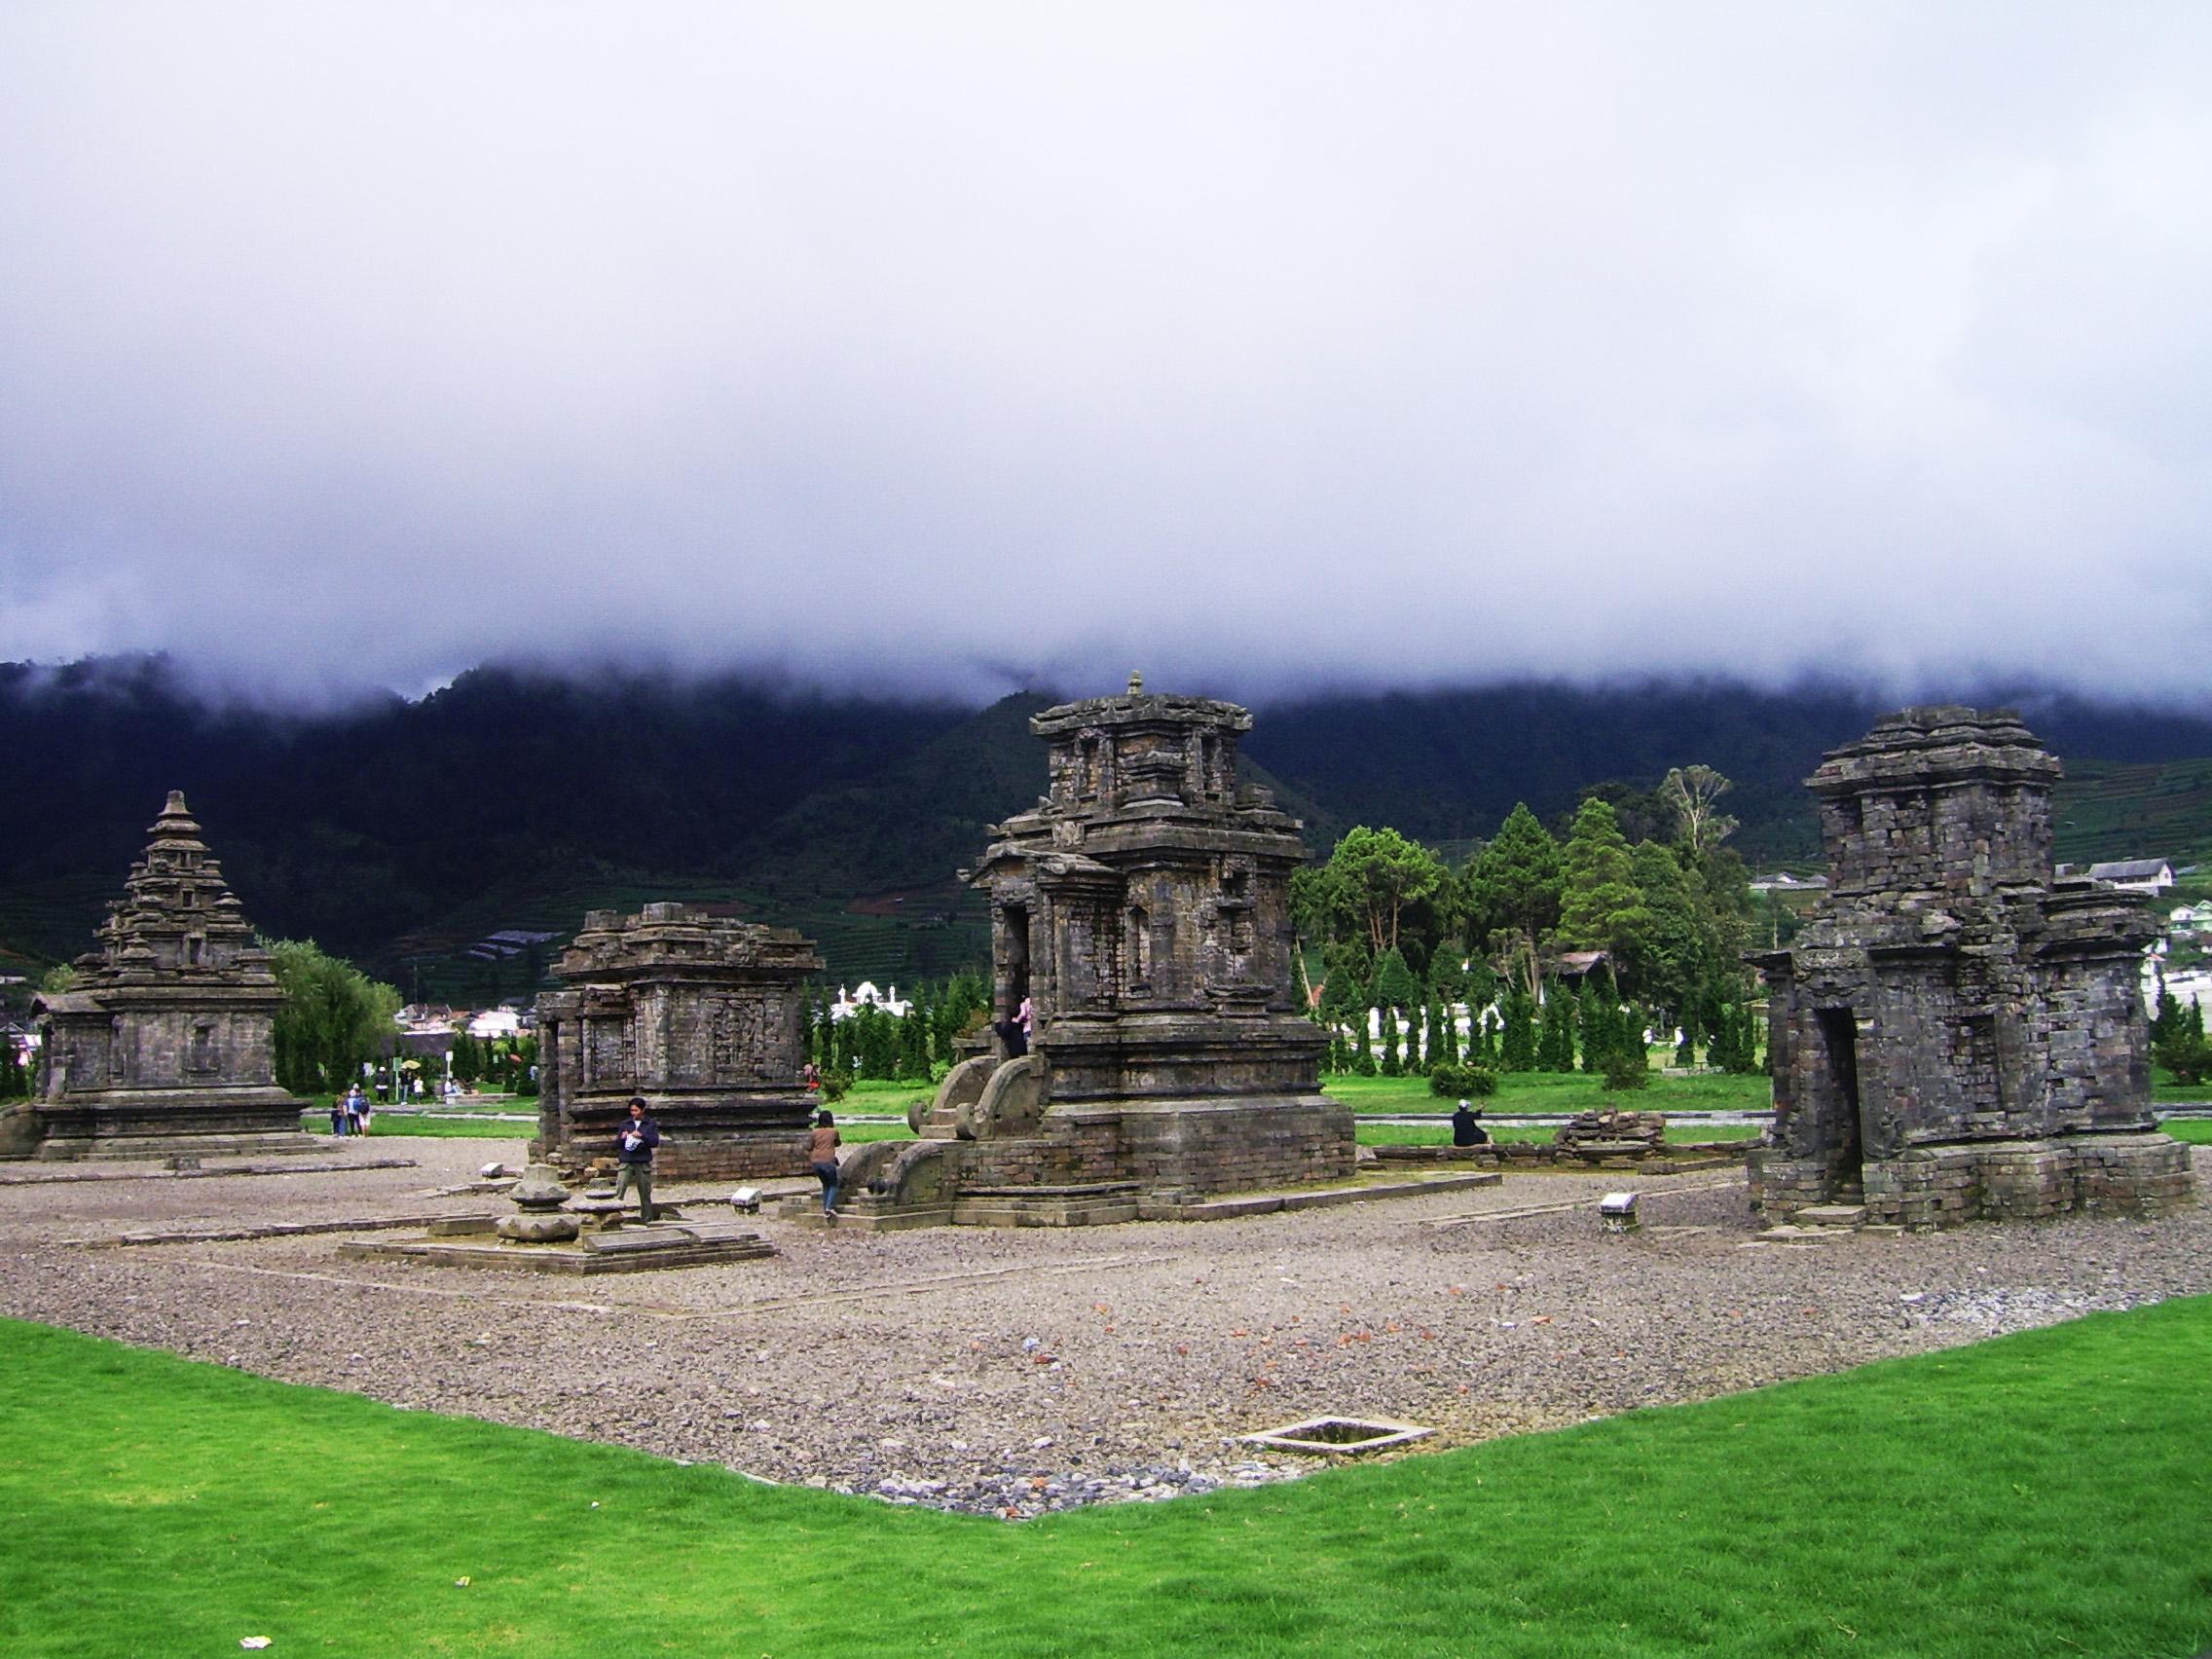 Paket Wisata Dieng Jasatama Travel Kawasan Dataran Tinggi Jawa Tengah